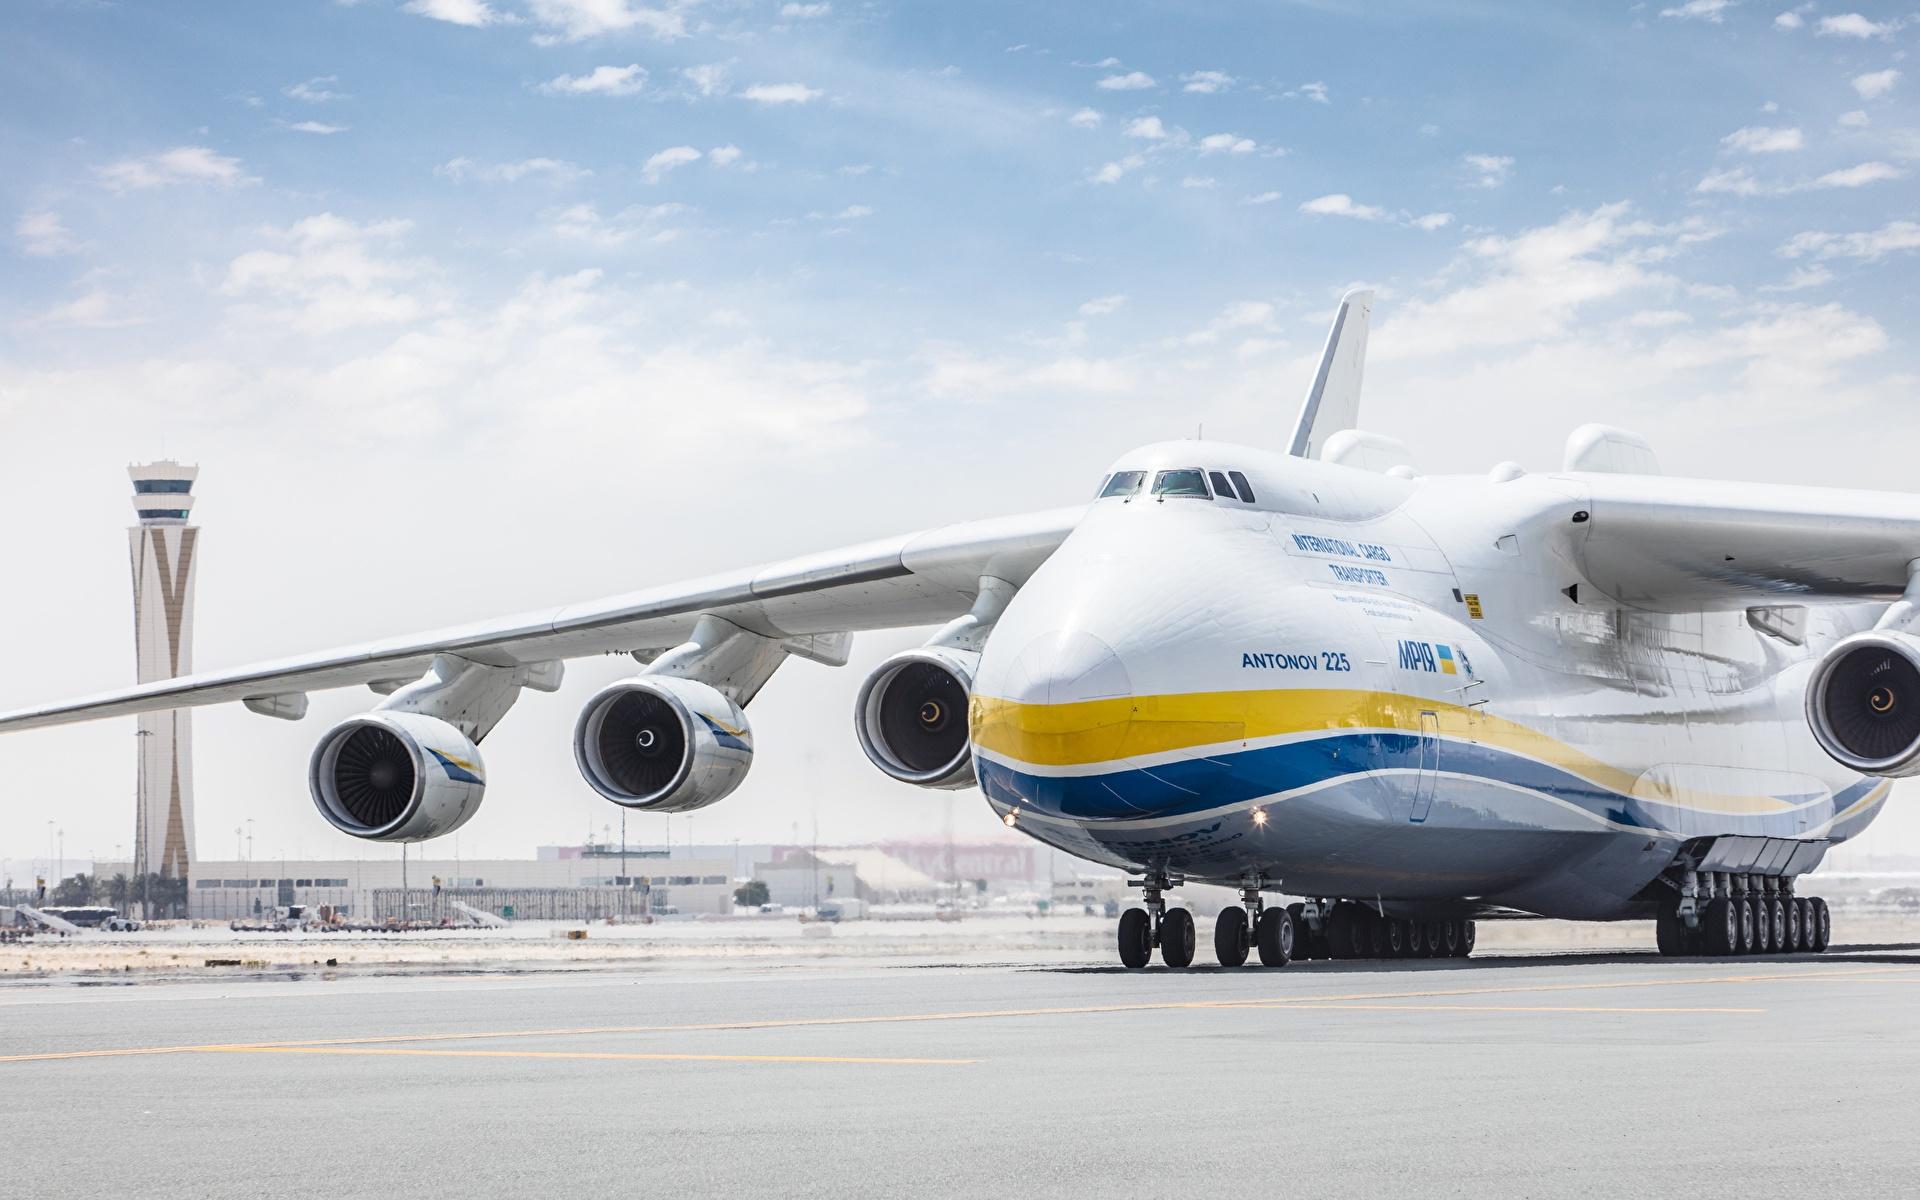 Bilder Flugzeuge Transportflugzeuge Russische An-225 Mriya Luftfahrt 1920x1200